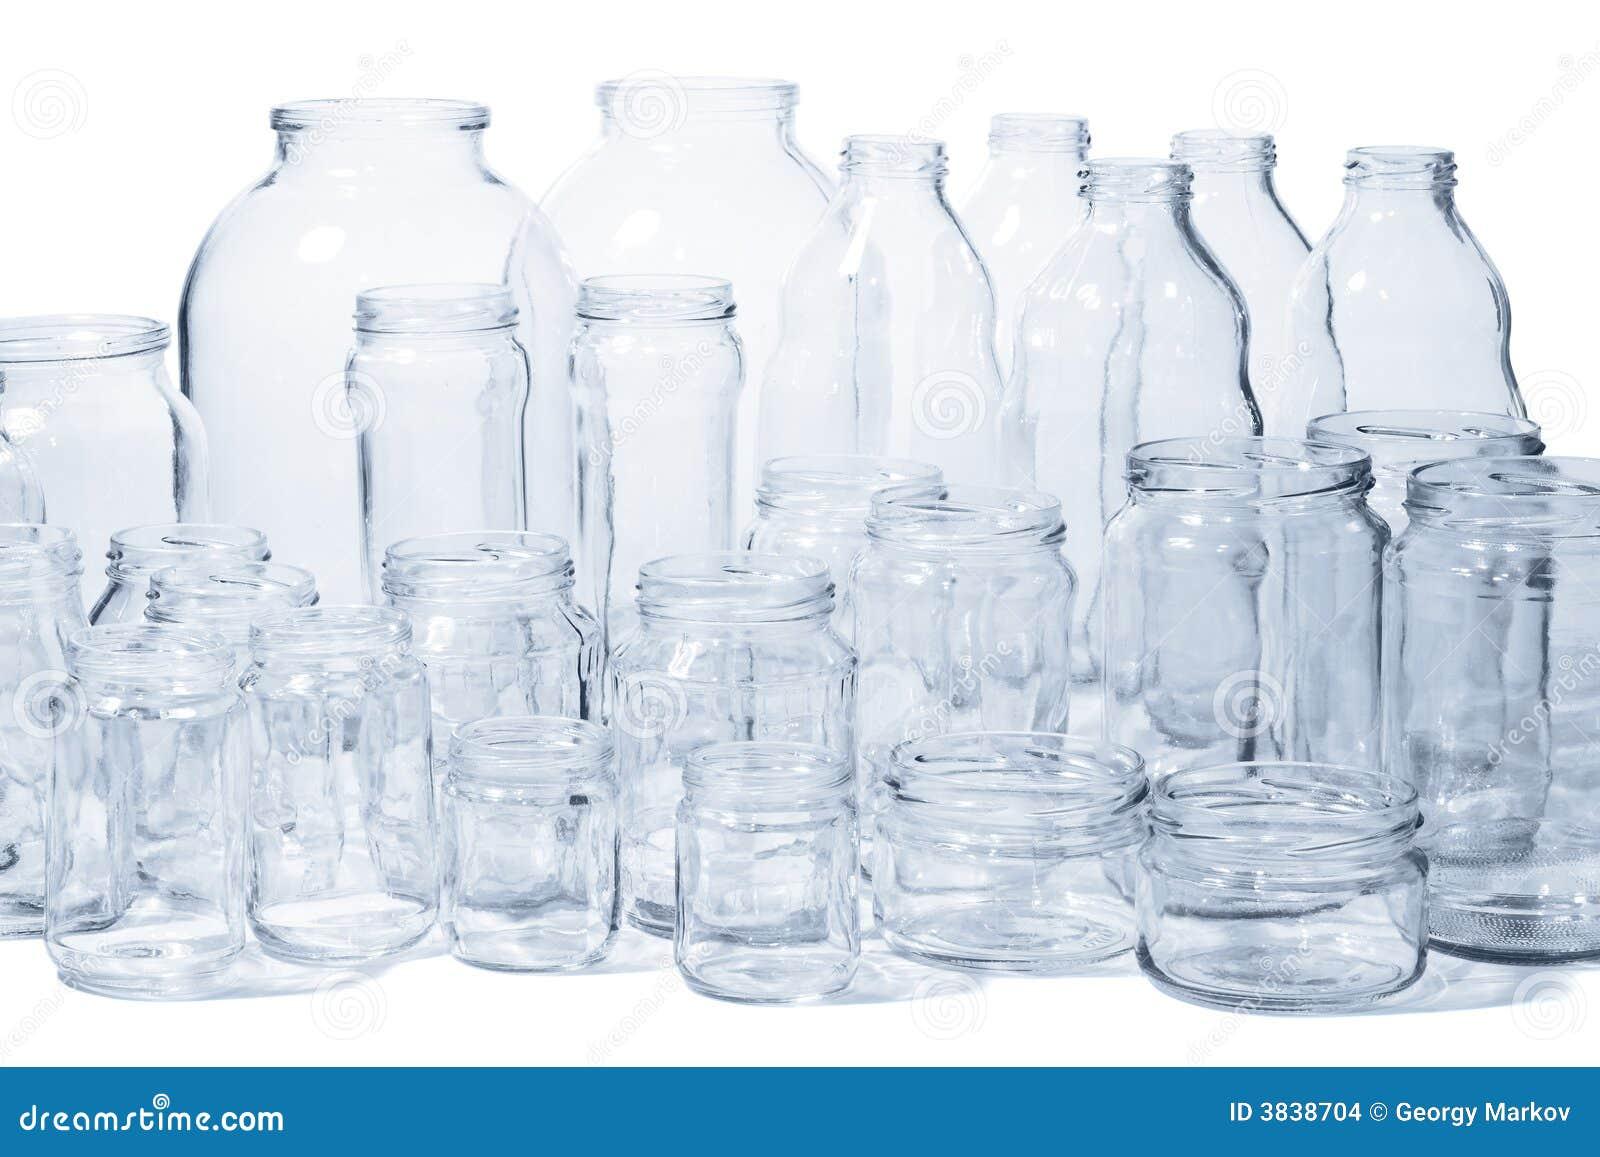 Vasi e bottiglie di vetro fotografia stock immagine di for Vasi ermetici vetro